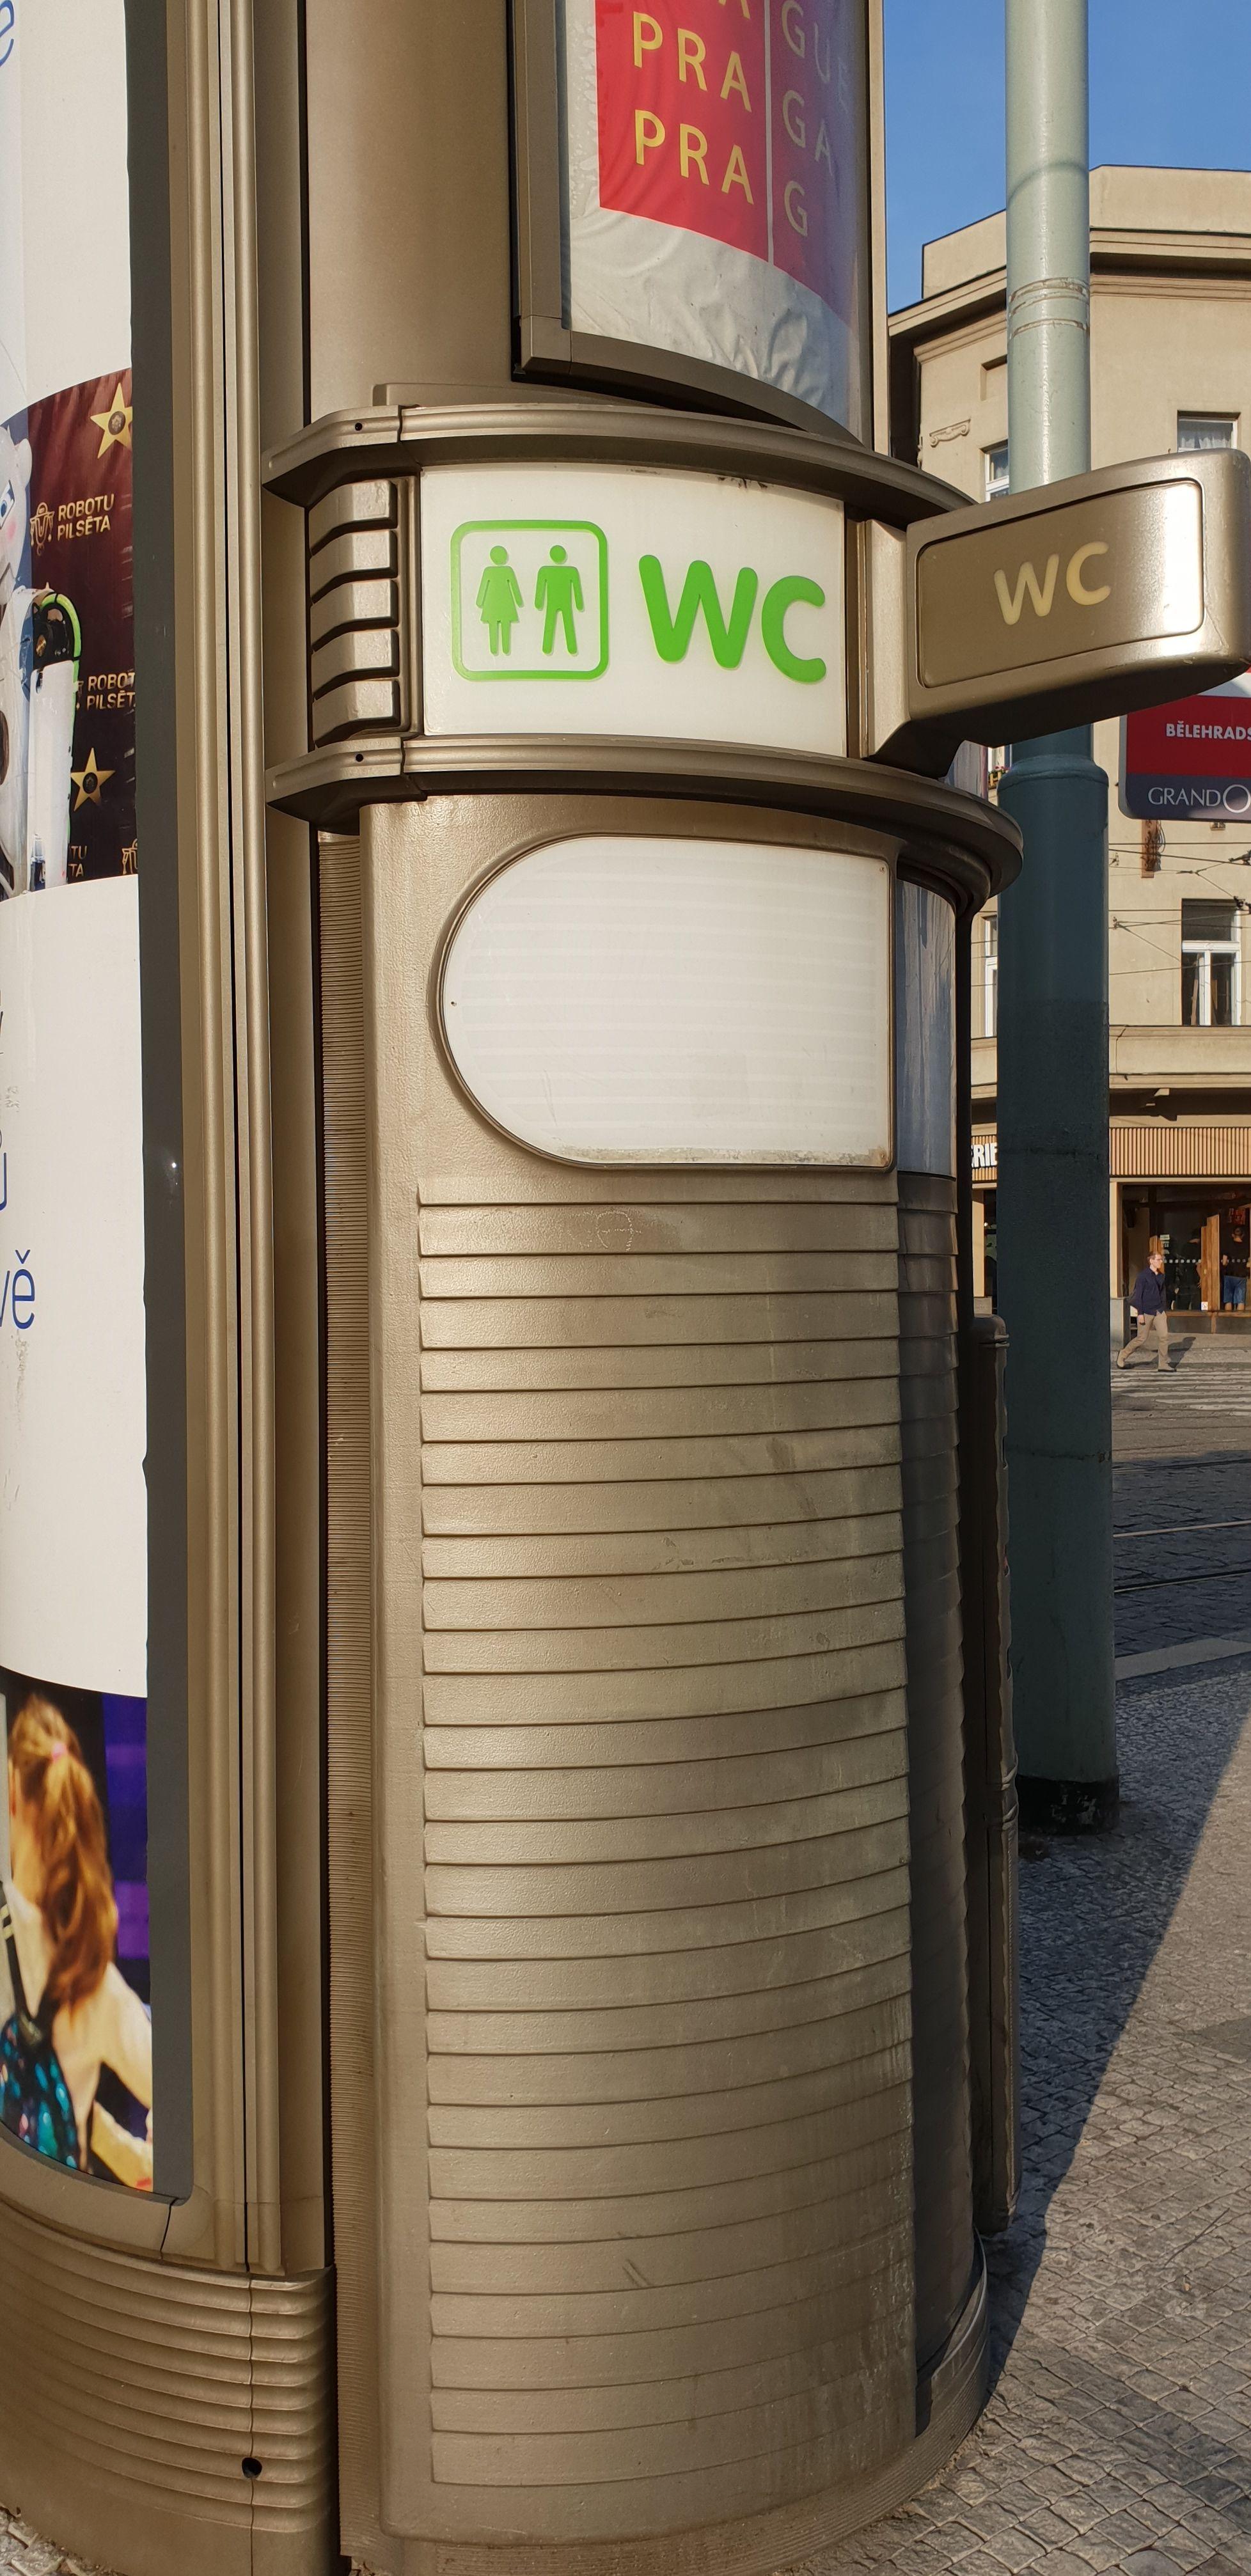 Obr. 4: Veřejný záchod, který nalezneme na I. P. Pavlova v Praze.